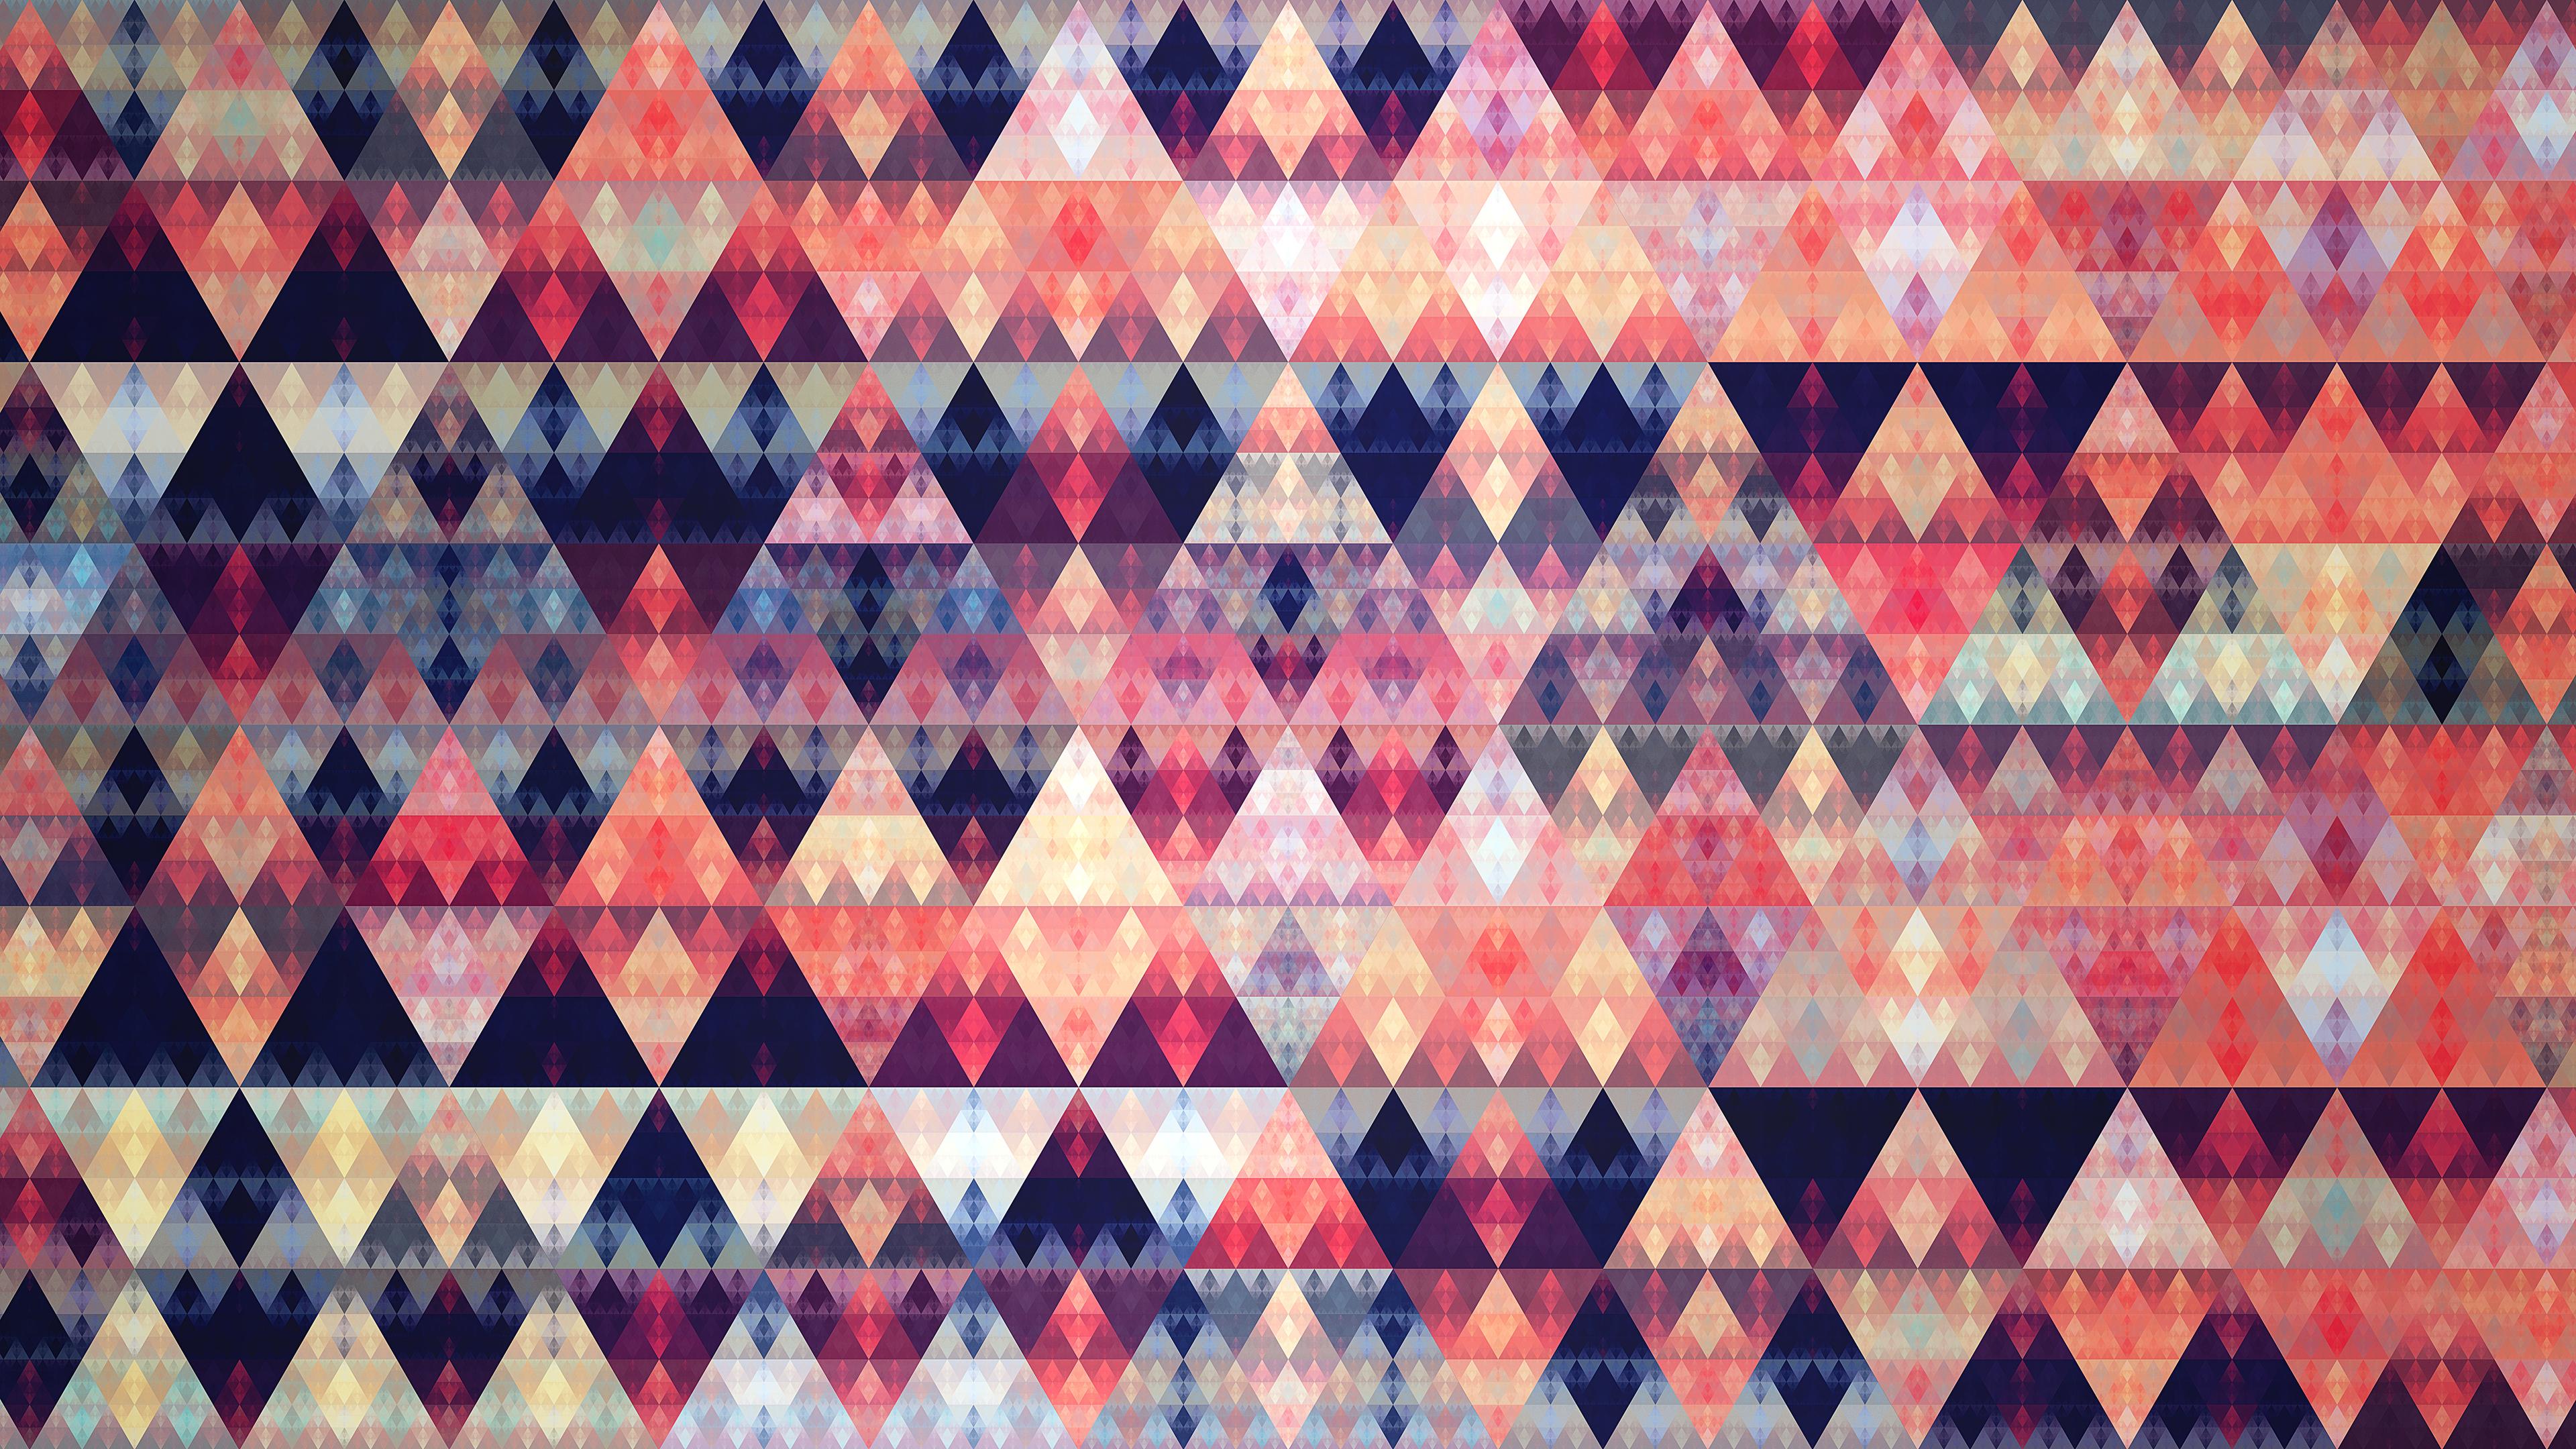 abstract fractal digital art loop 4k 1546278012 - Abstract Fractal Digital Art Loop 4k - hd-wallpapers, digital art wallpapers, deviantart wallpapers, abstract wallpapers, 5k wallpapers, 4k-wallpapers